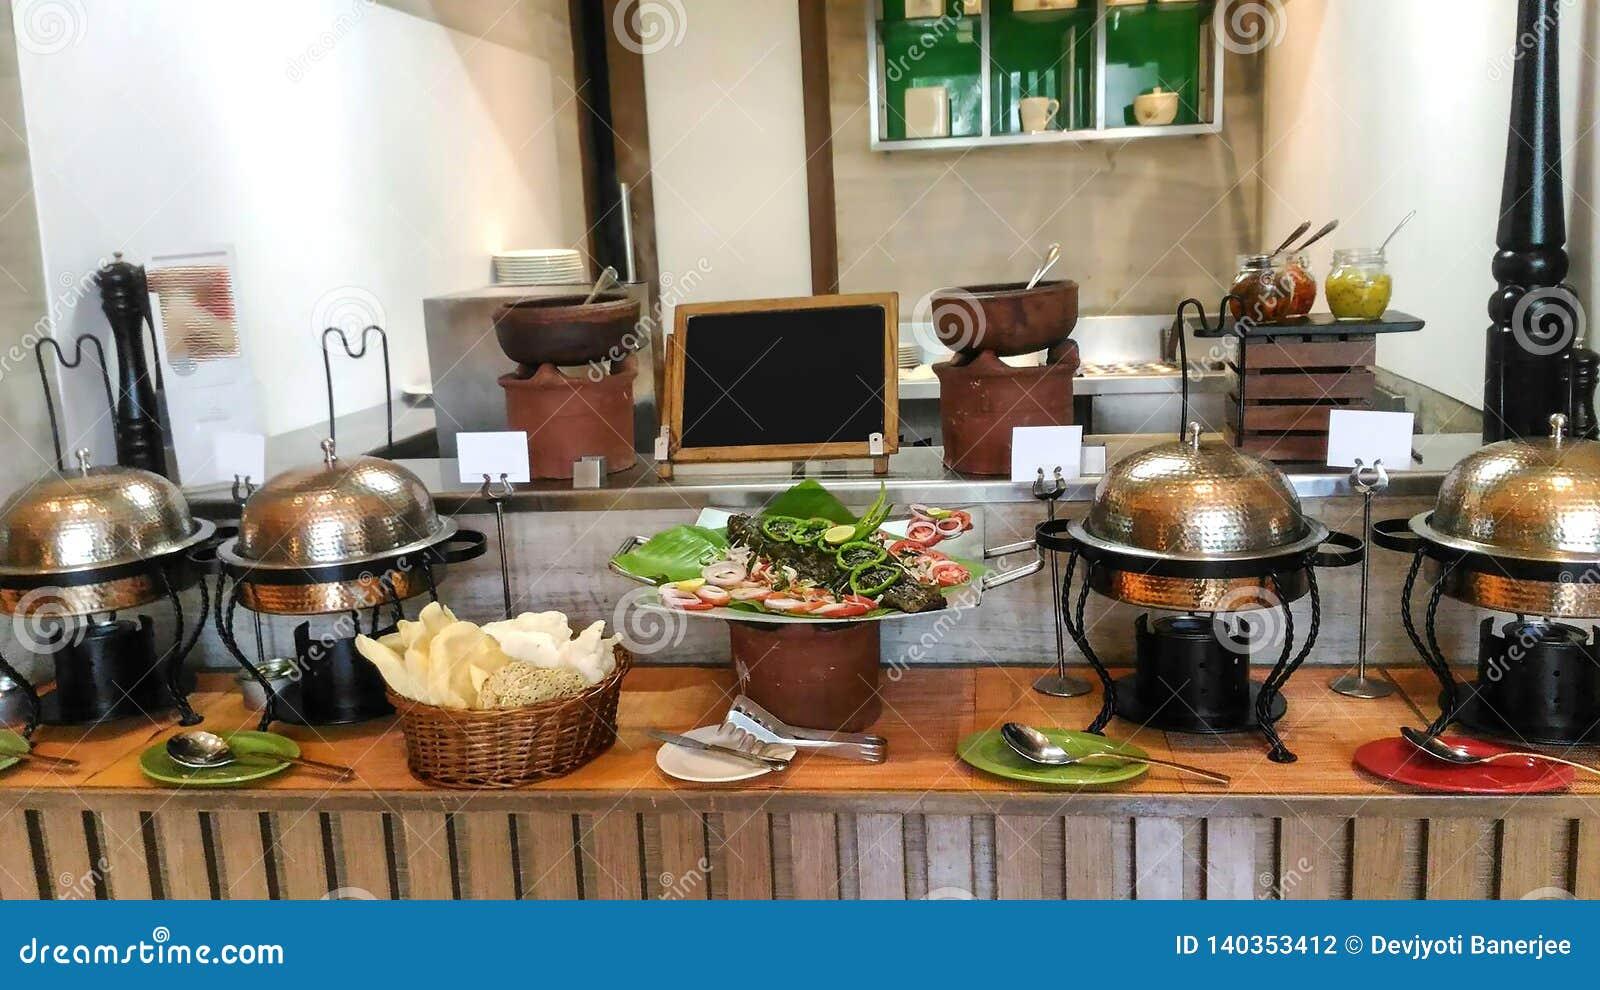 Καλά διακοσμημένη κουζίνα ενός ξενοδοχείου, εσωτερική διακόσμηση